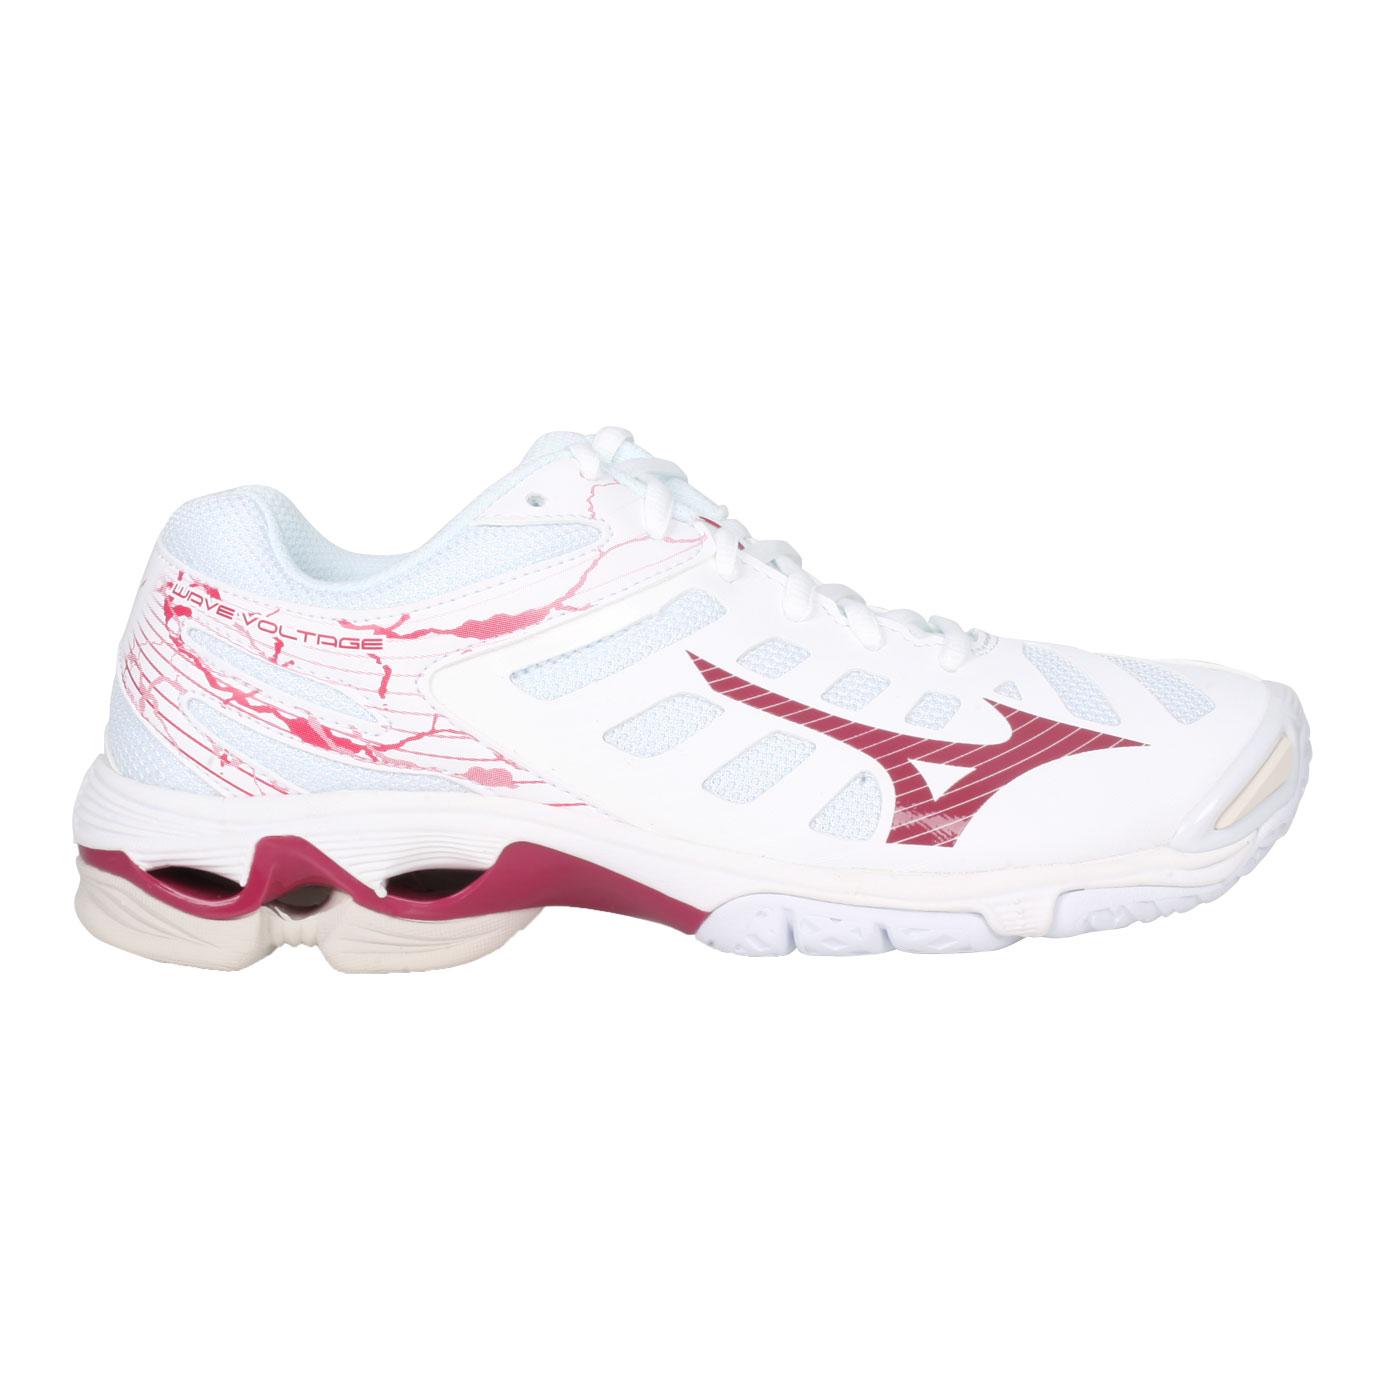 MIZUNO 女款排球鞋  @WAVE VOLTAGE@V1GC216065